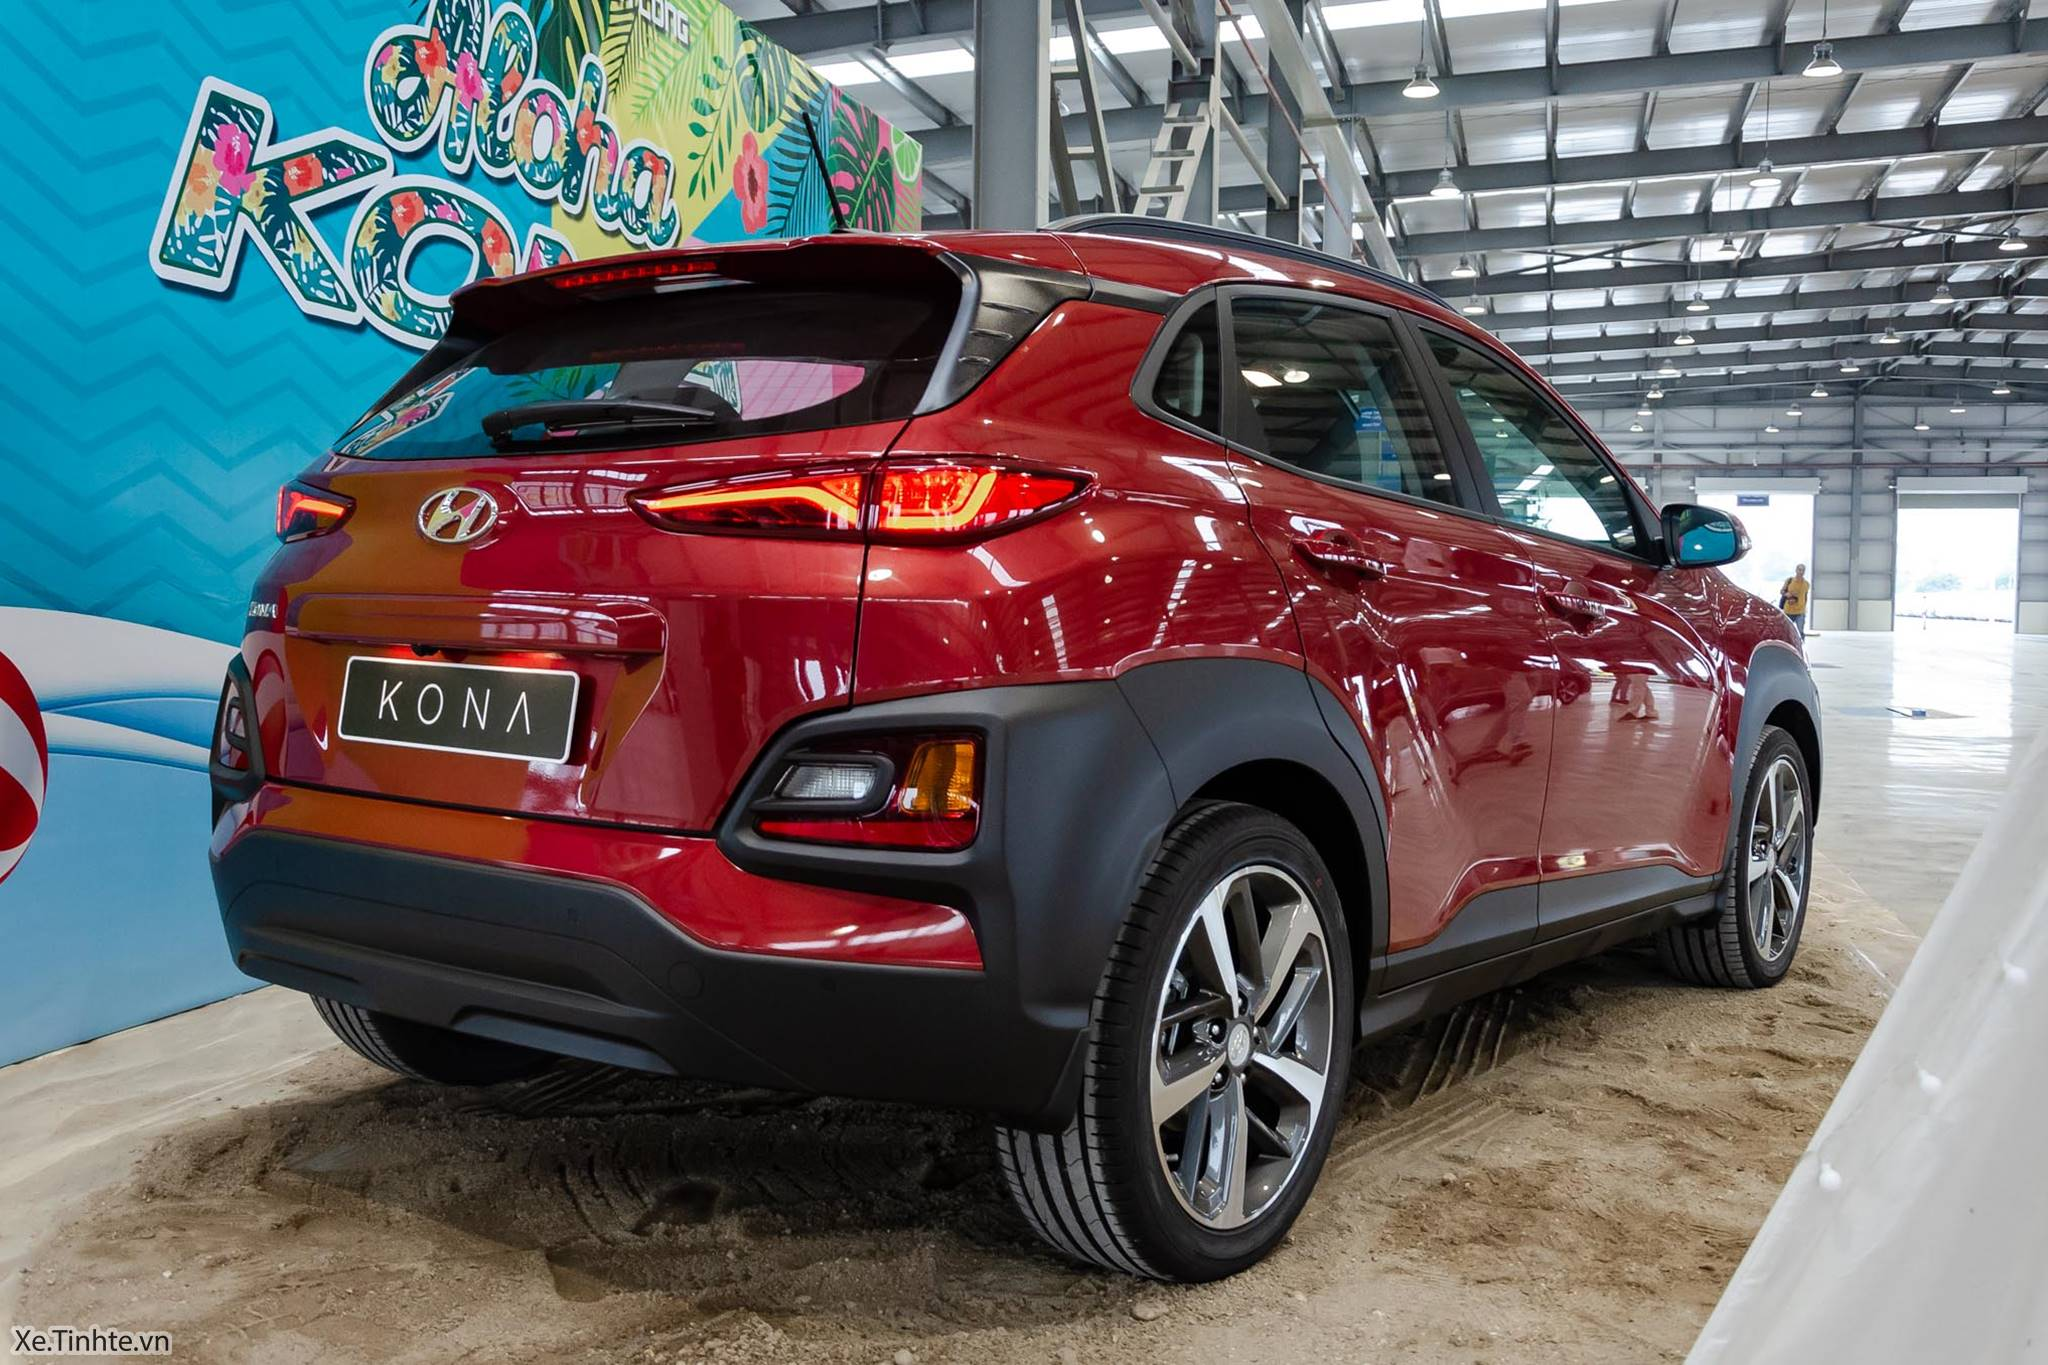 Hyundai_Kona_2018_Xe_Tinhte_DSC_6703.jpg